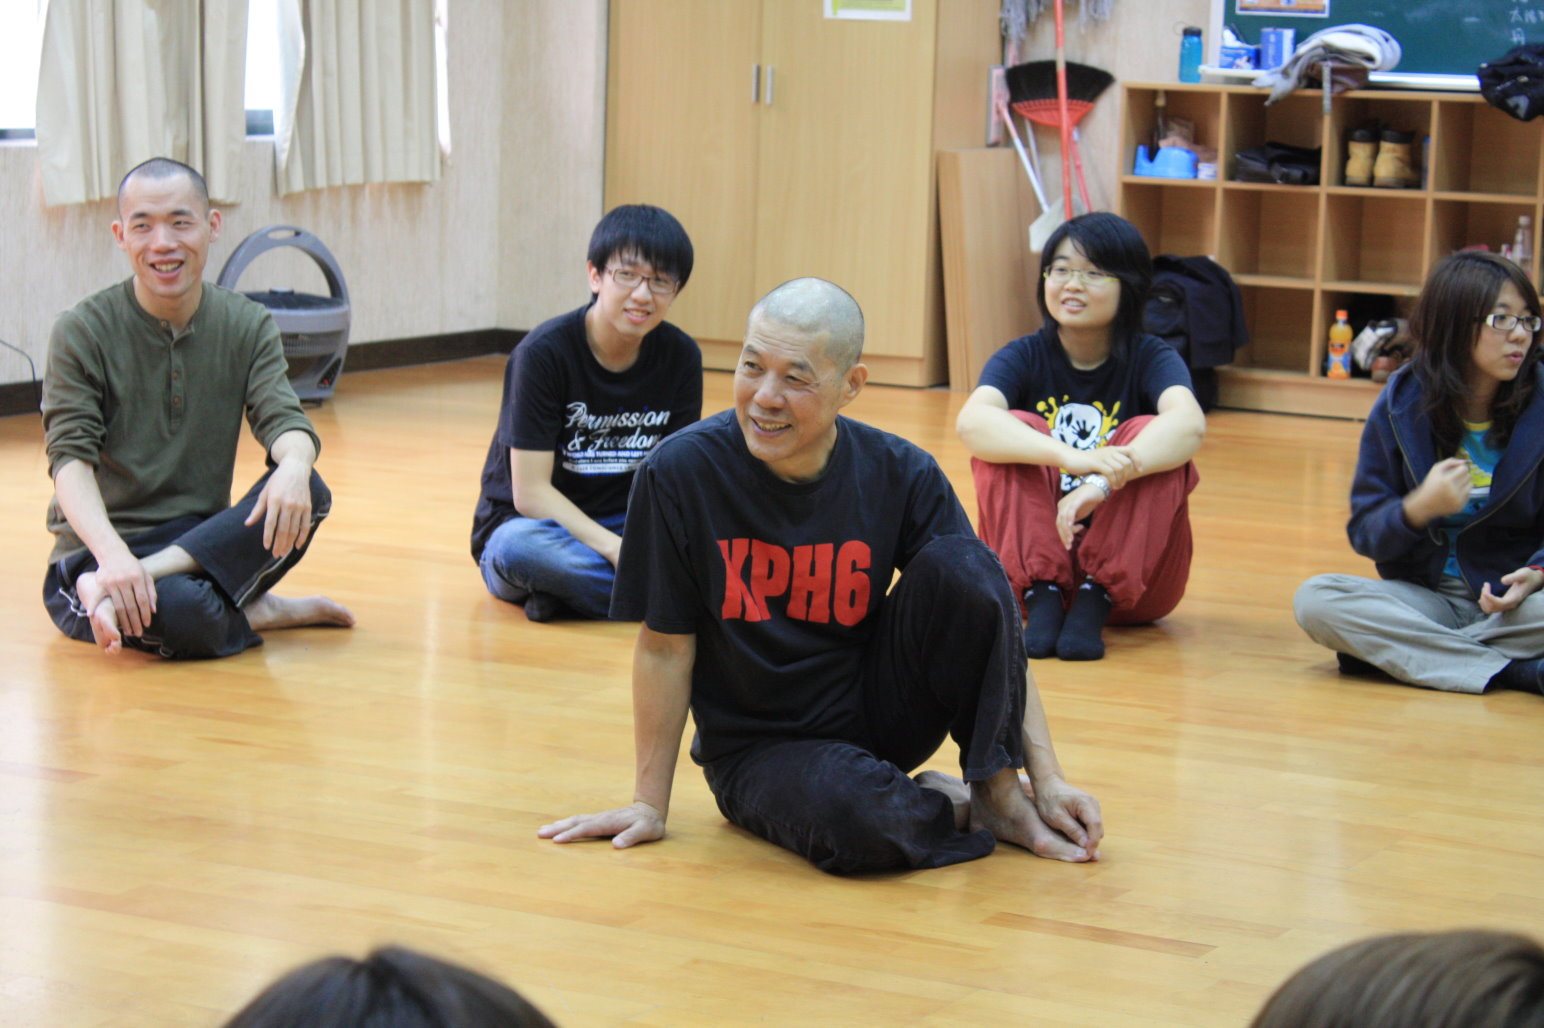 中原大學打造藝文校園 延聘國際知名舞蹈家劉紹爐擔任駐校藝術家